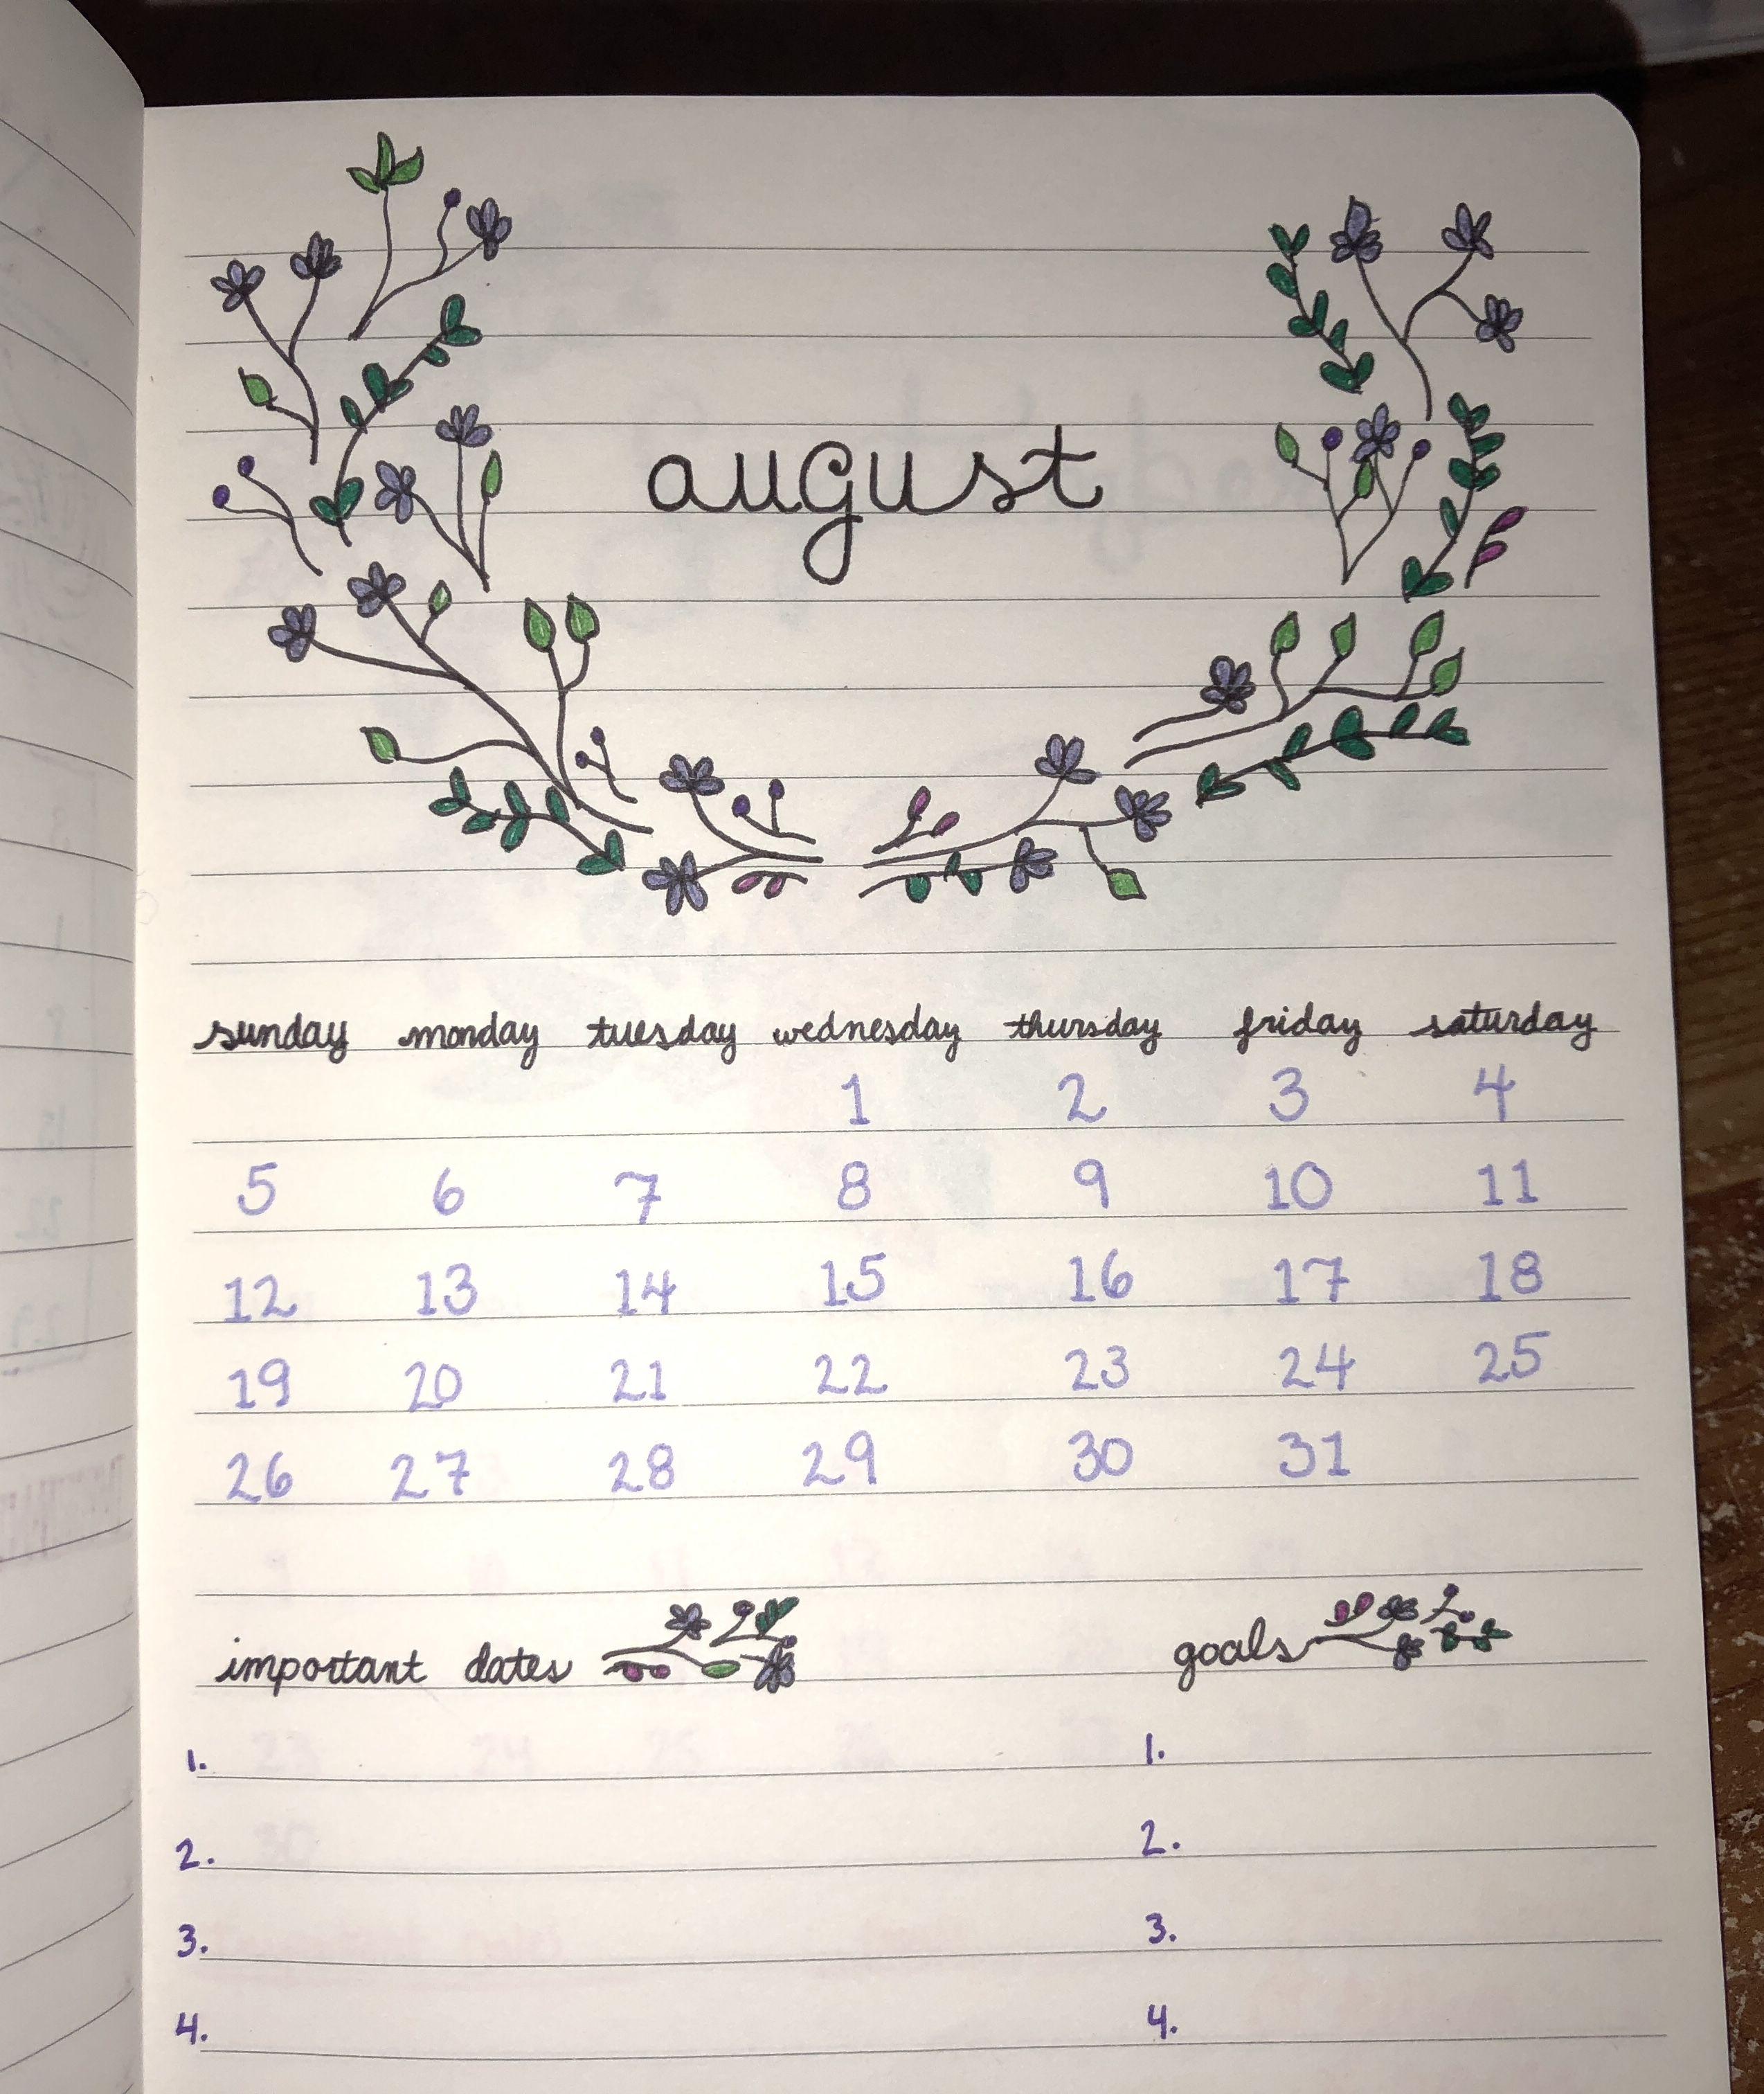 August Bullet Journal Calendar Layout